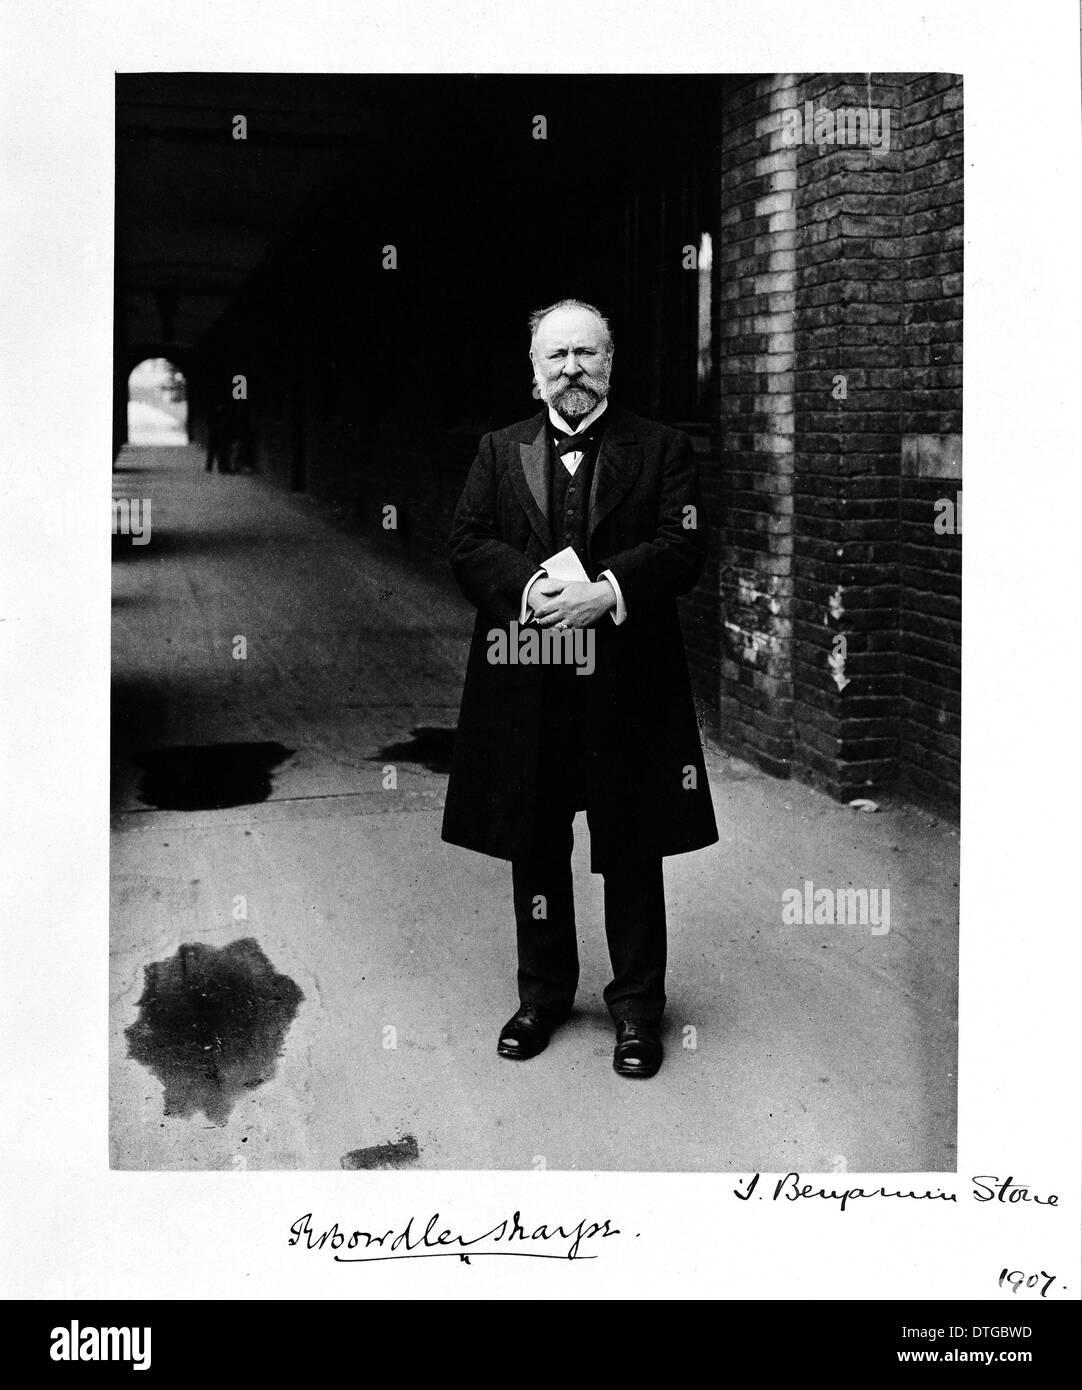 Richard Bowdler Sharpe (1847-1909) - Stock Image